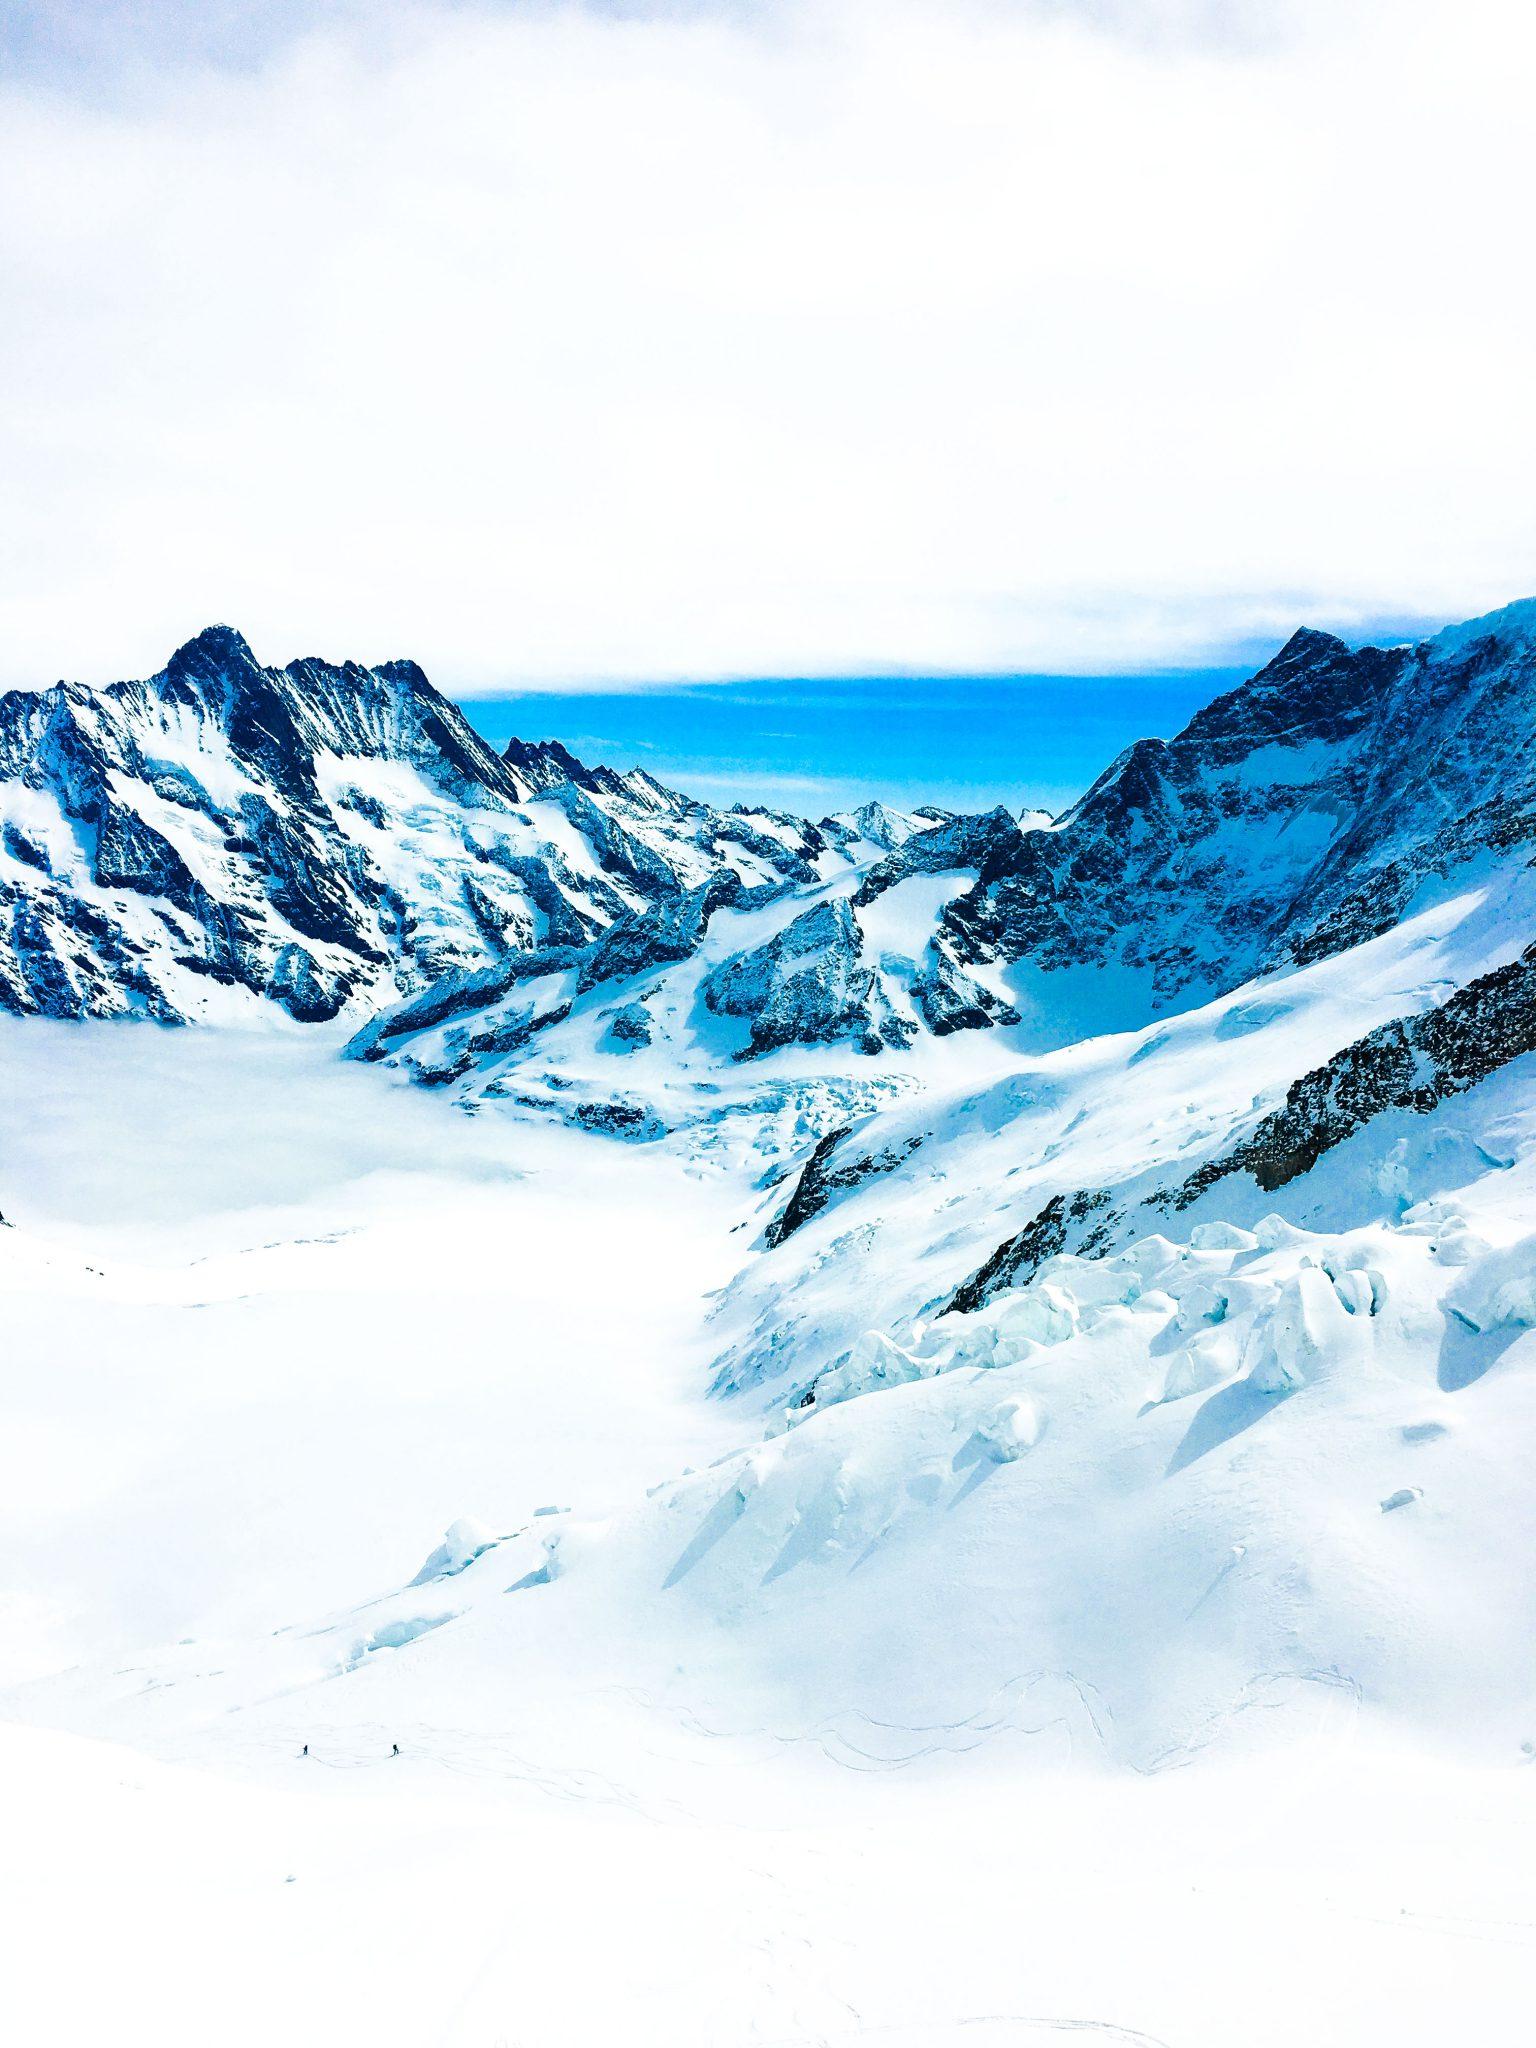 View from Eismeer peak